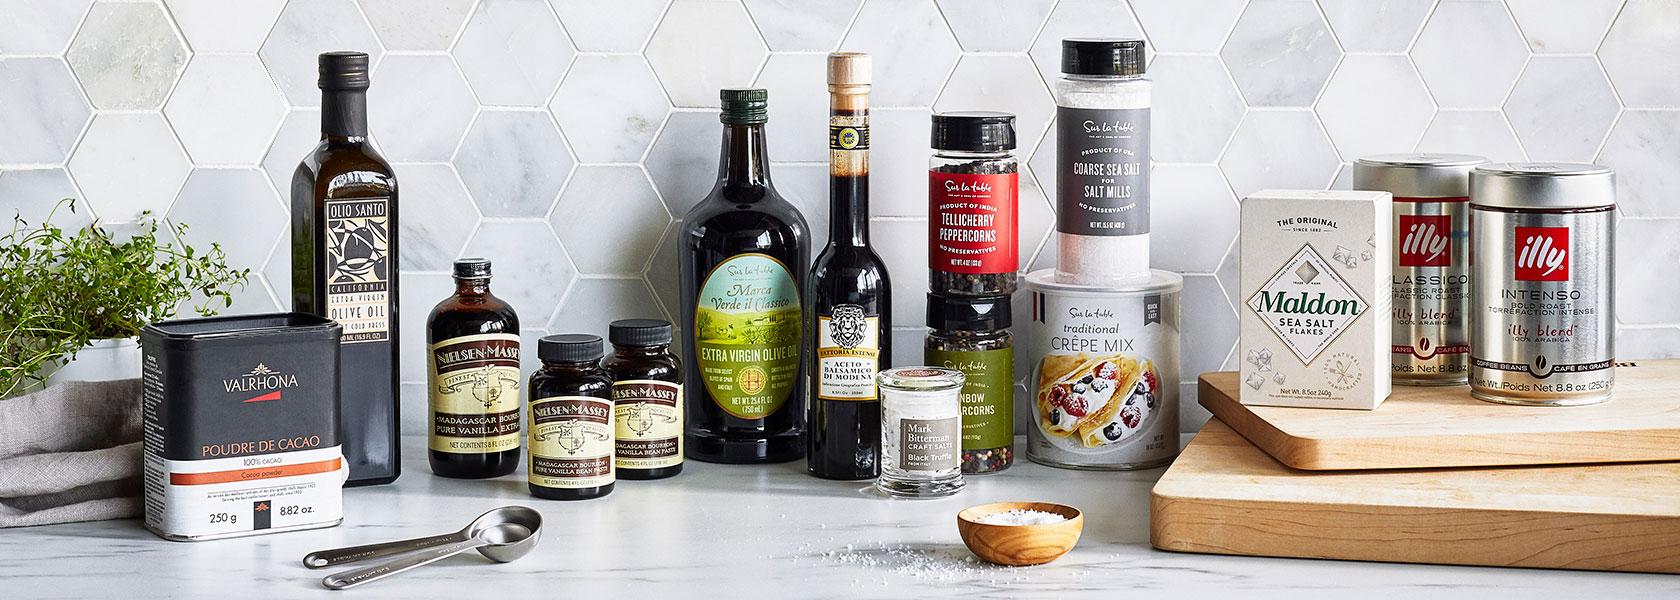 Sur La Table pantry essentials